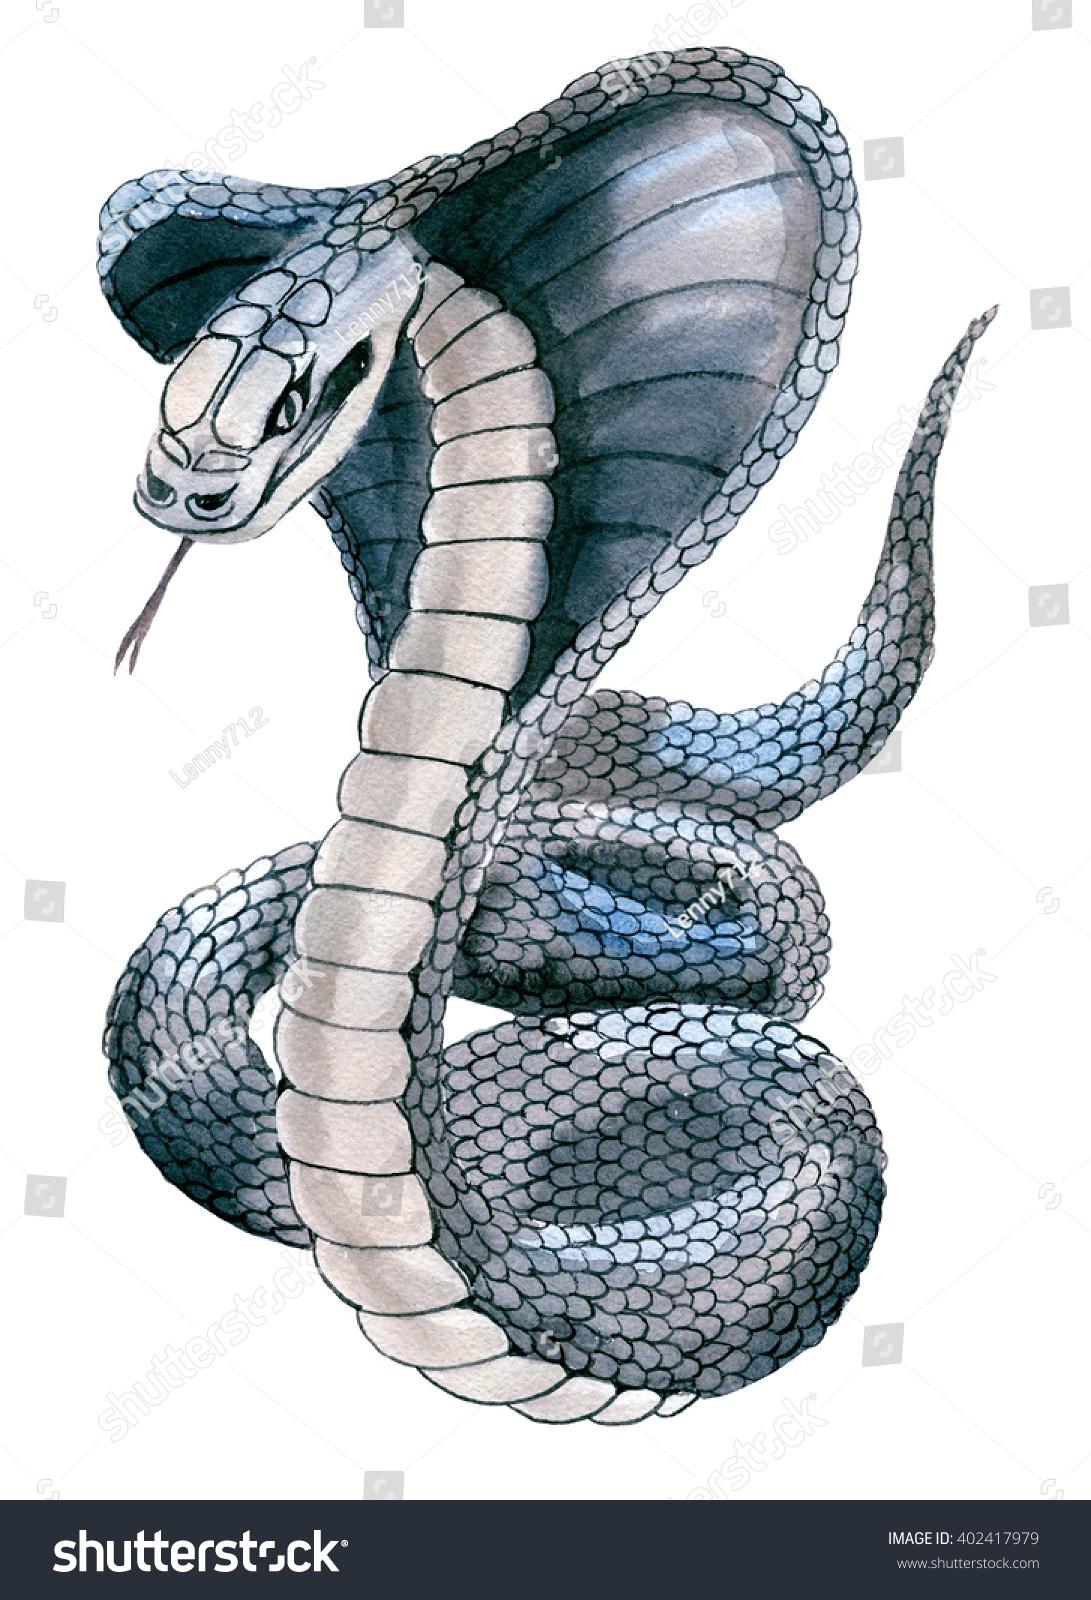 Handwork Watercolor Illustration Cobra Snake White Stock ...